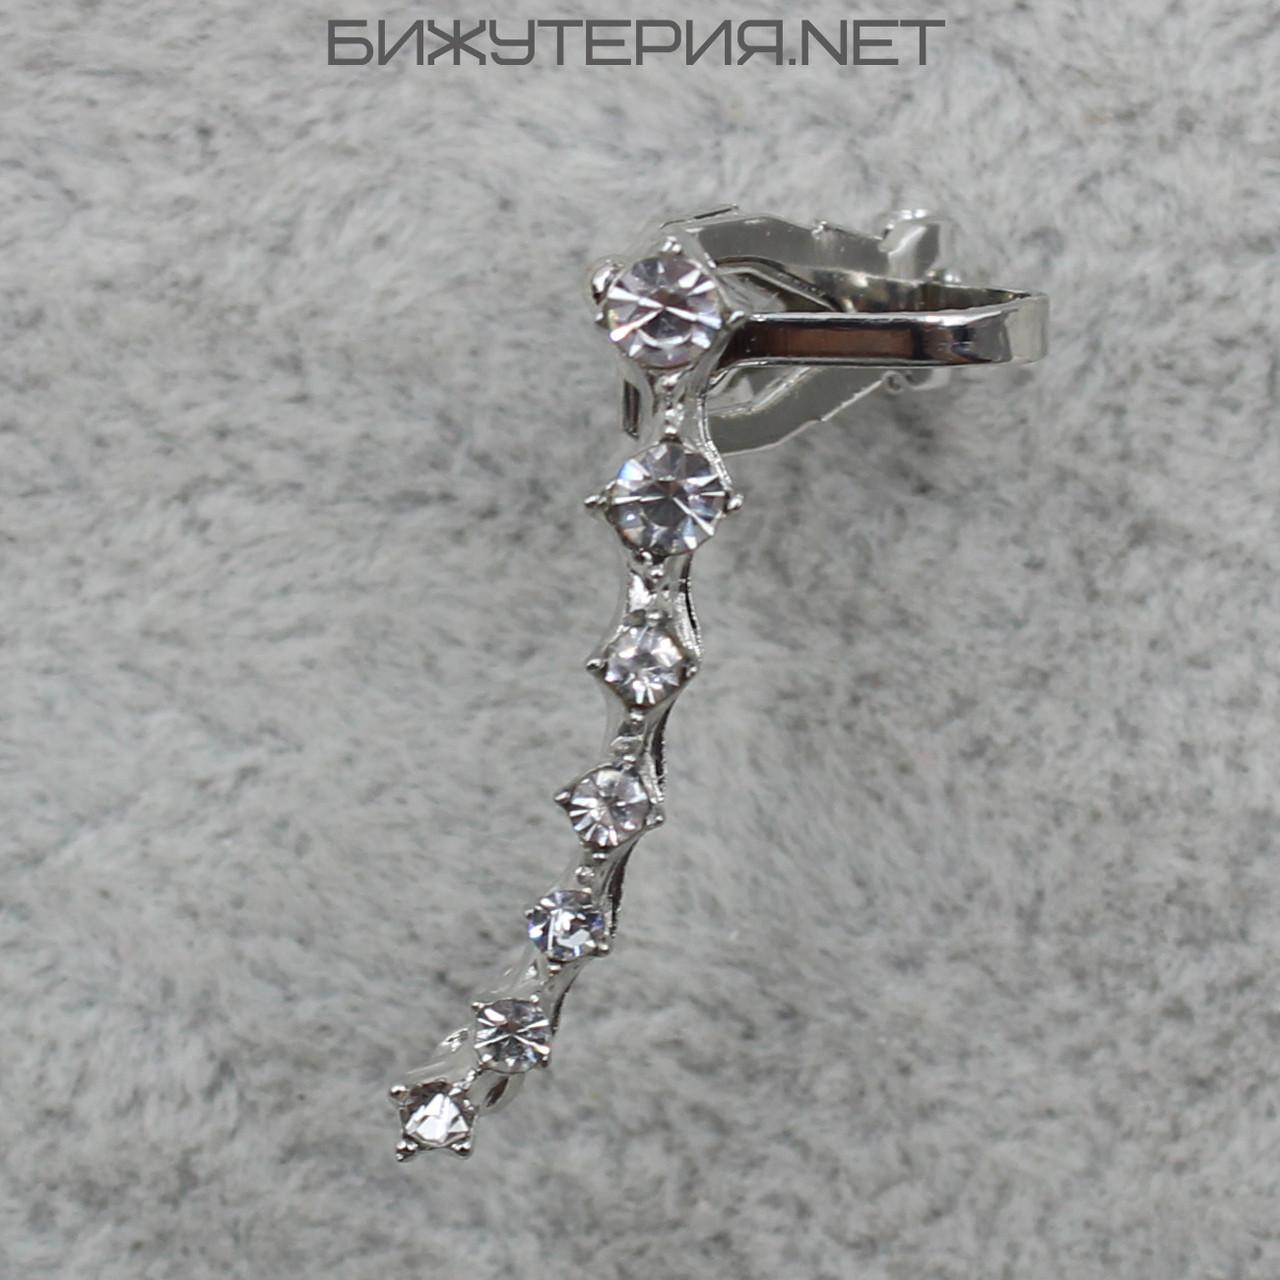 Серьги Каффы JB с кристаллами белого цвета металл серебро - 1064816963